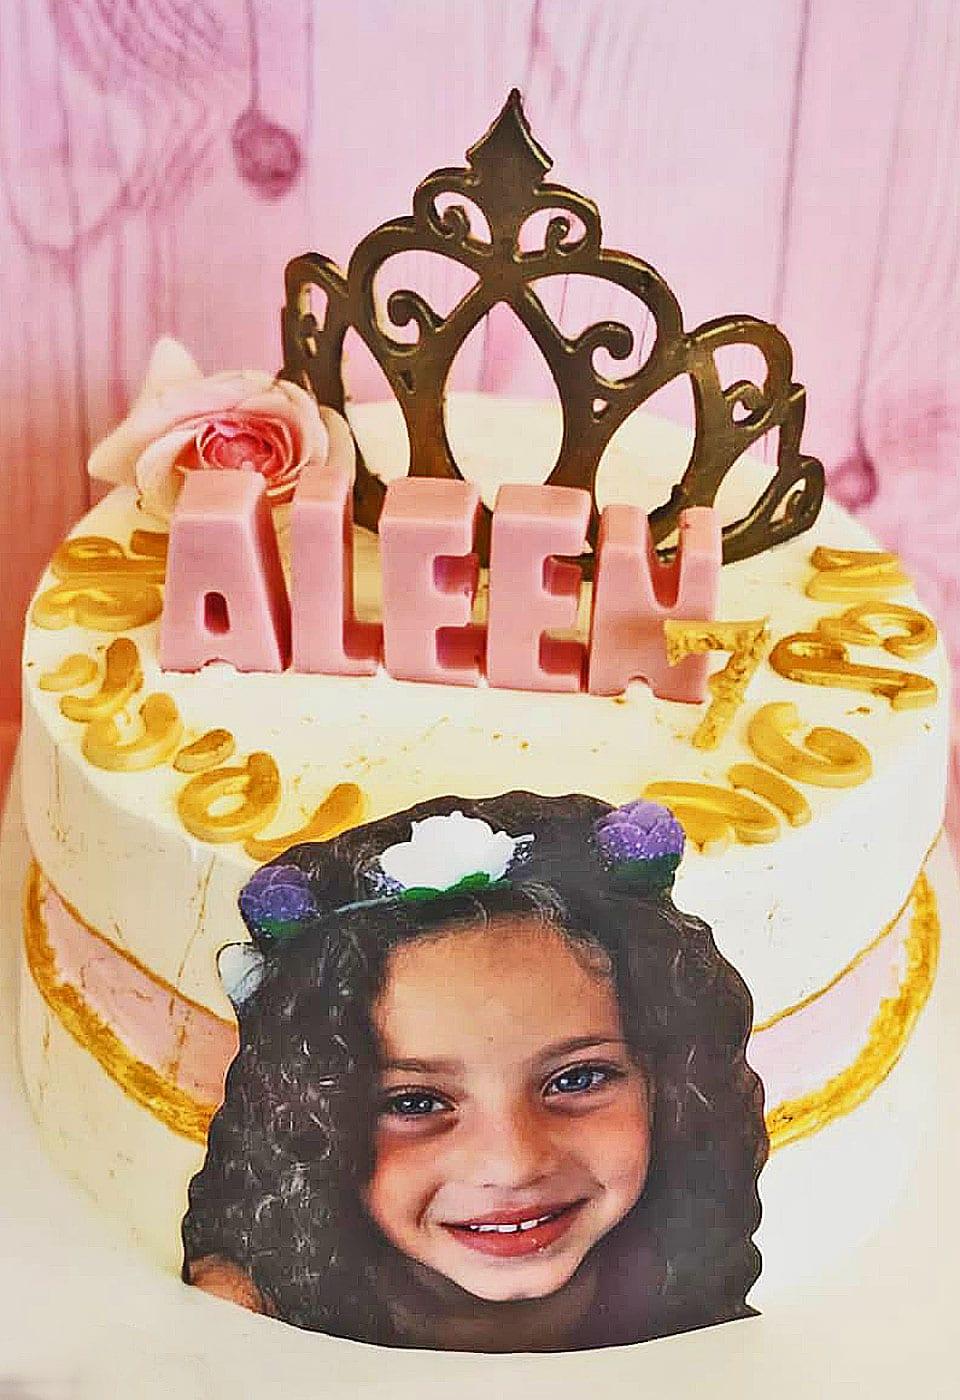 עוגת זילוף לנסיכה אלין